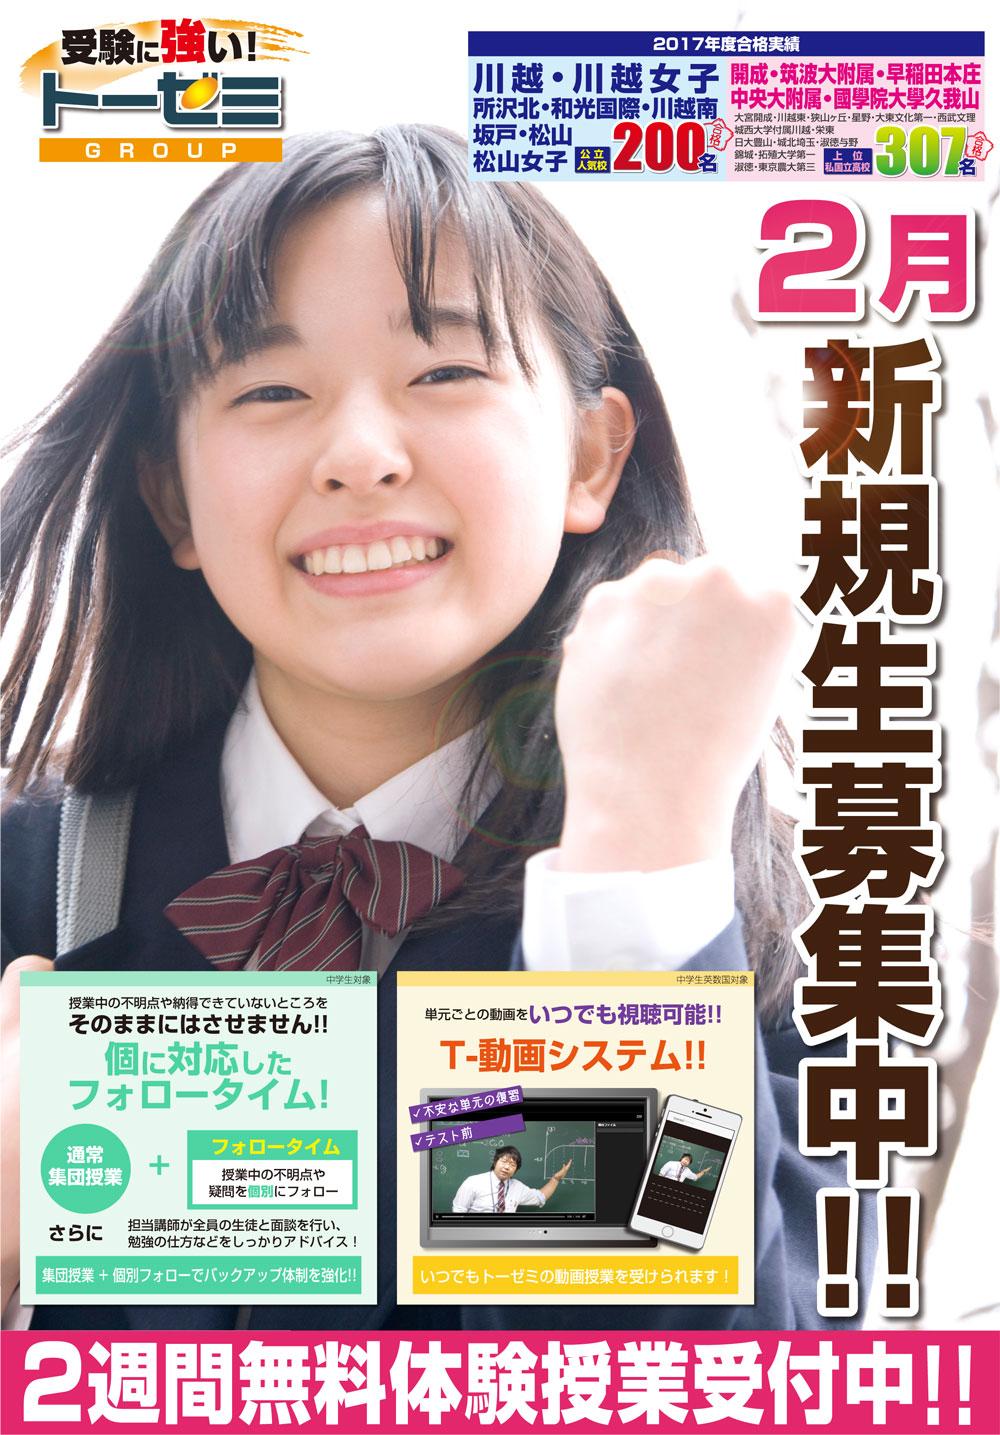 【受験に強い!学習塾トーゼミグループ】2月新規生募集中!